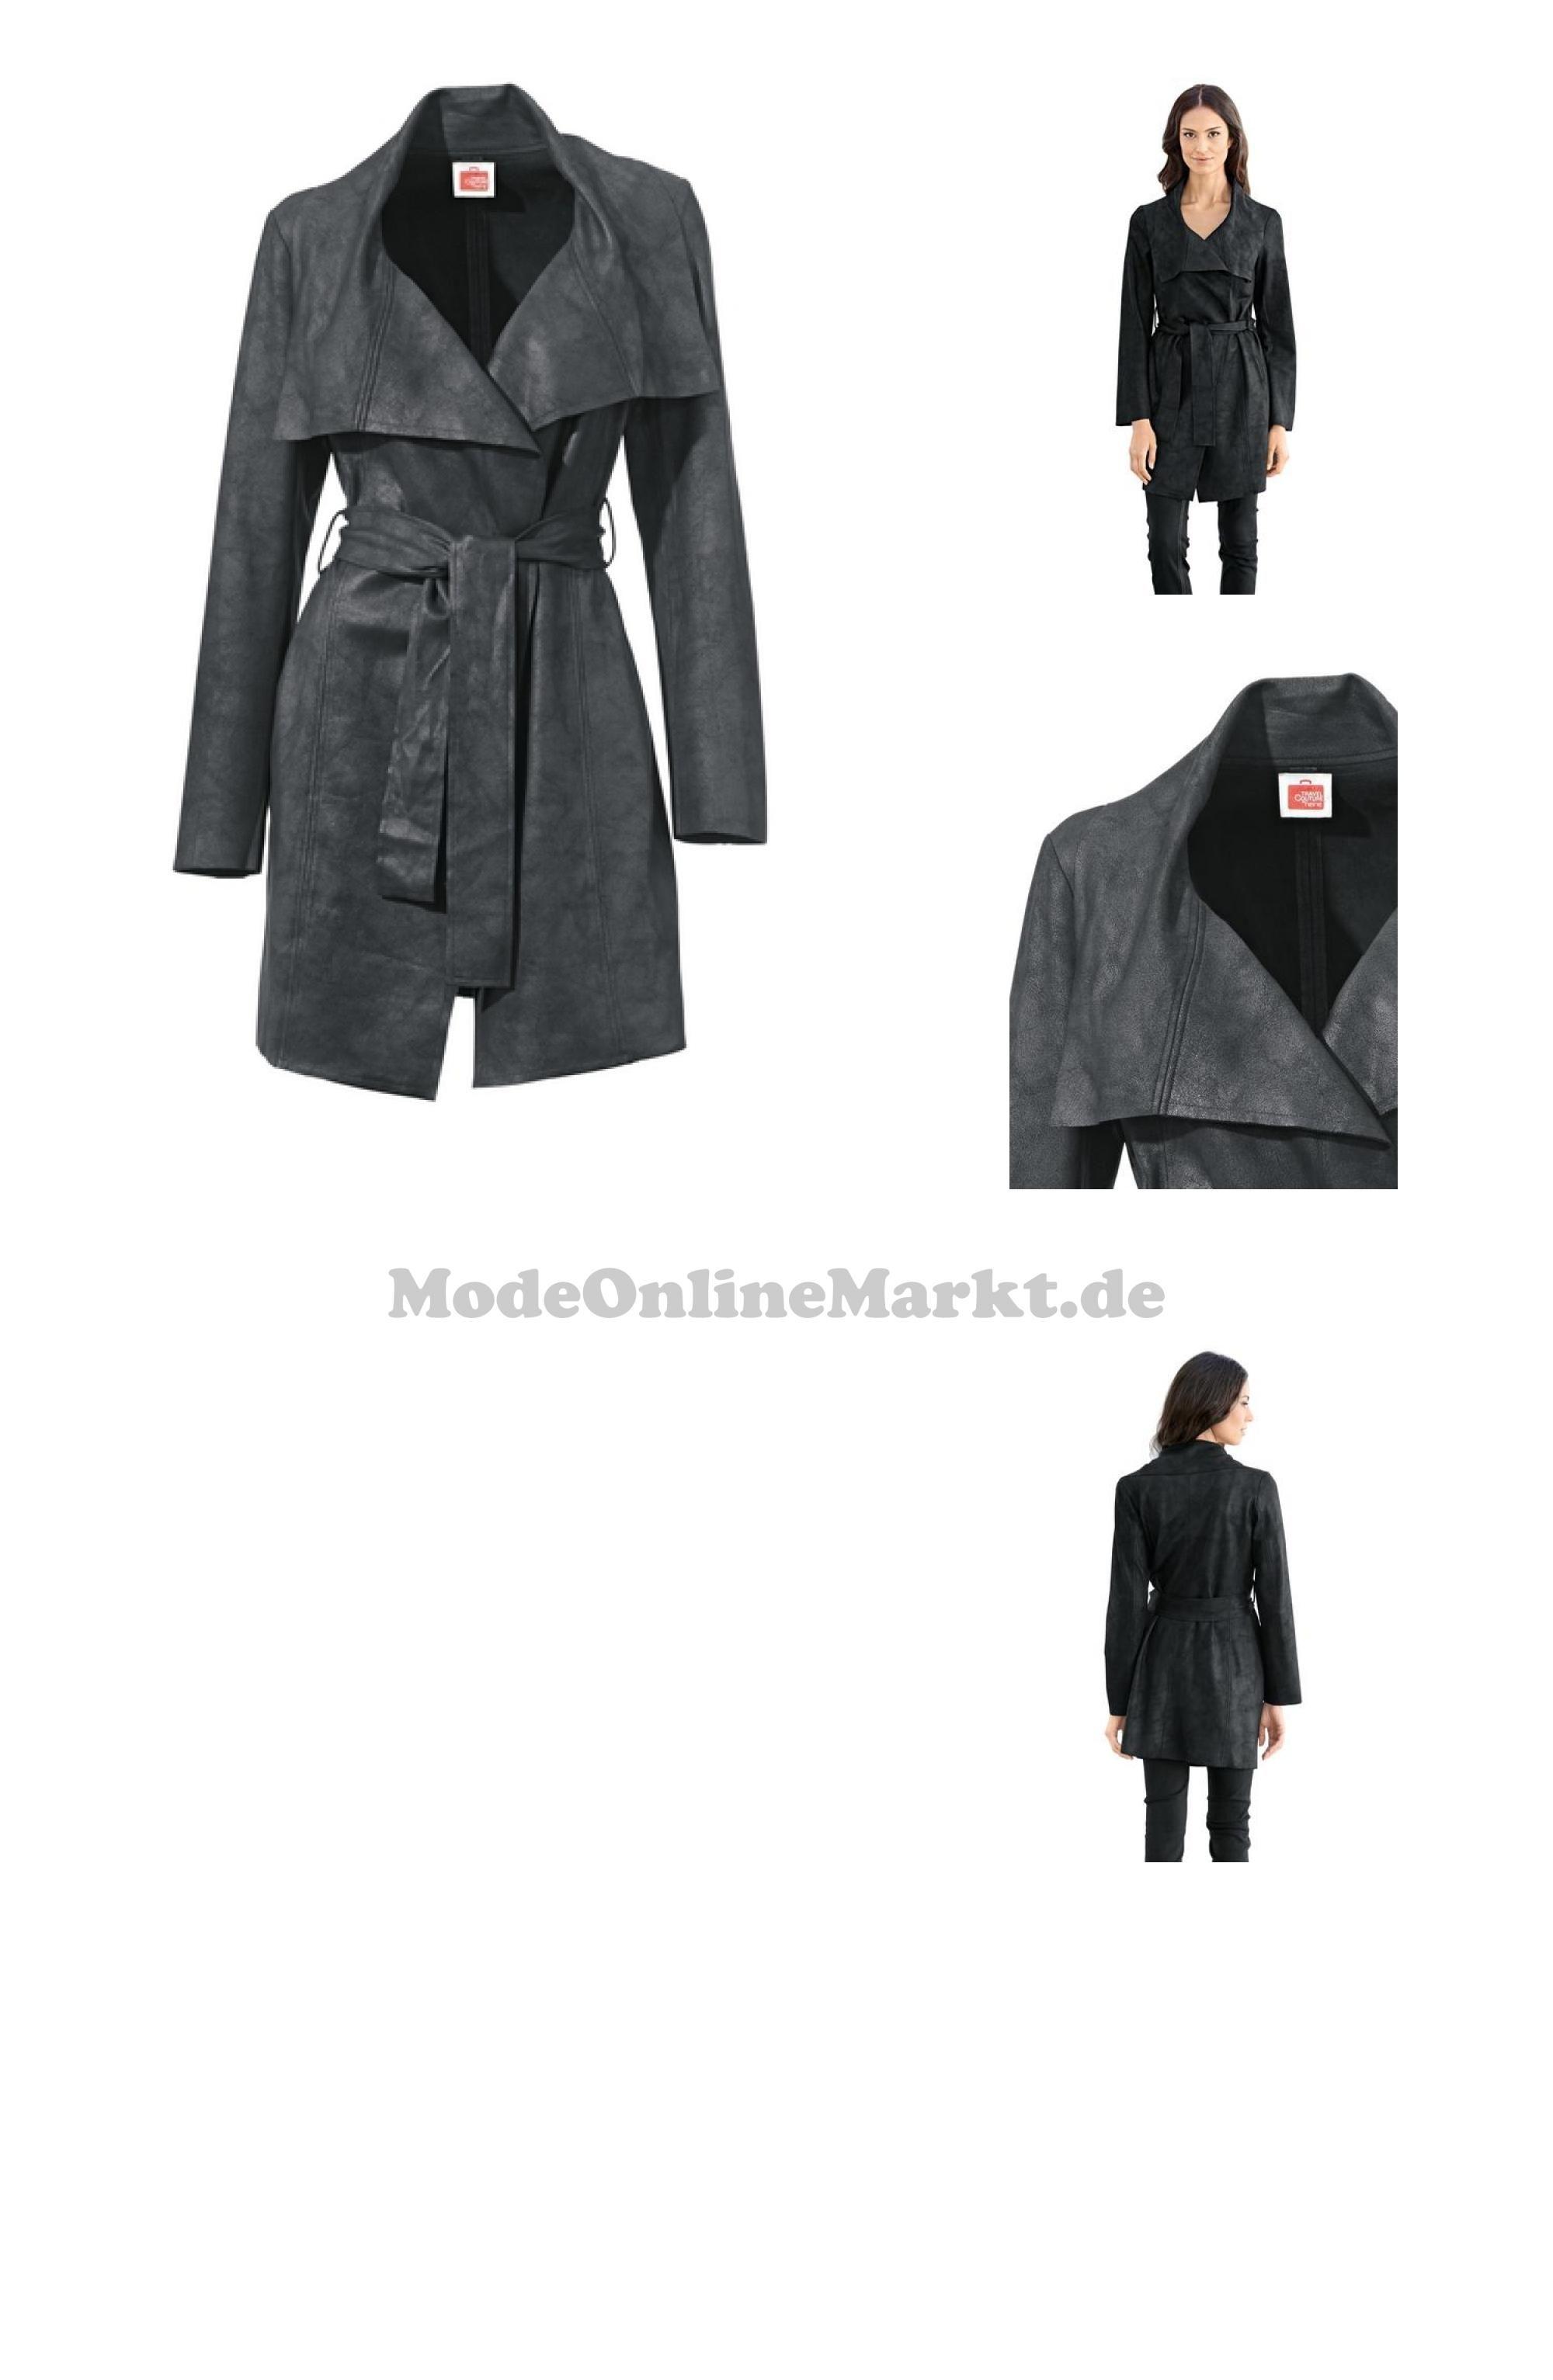 Lederimitat mantel schwarz